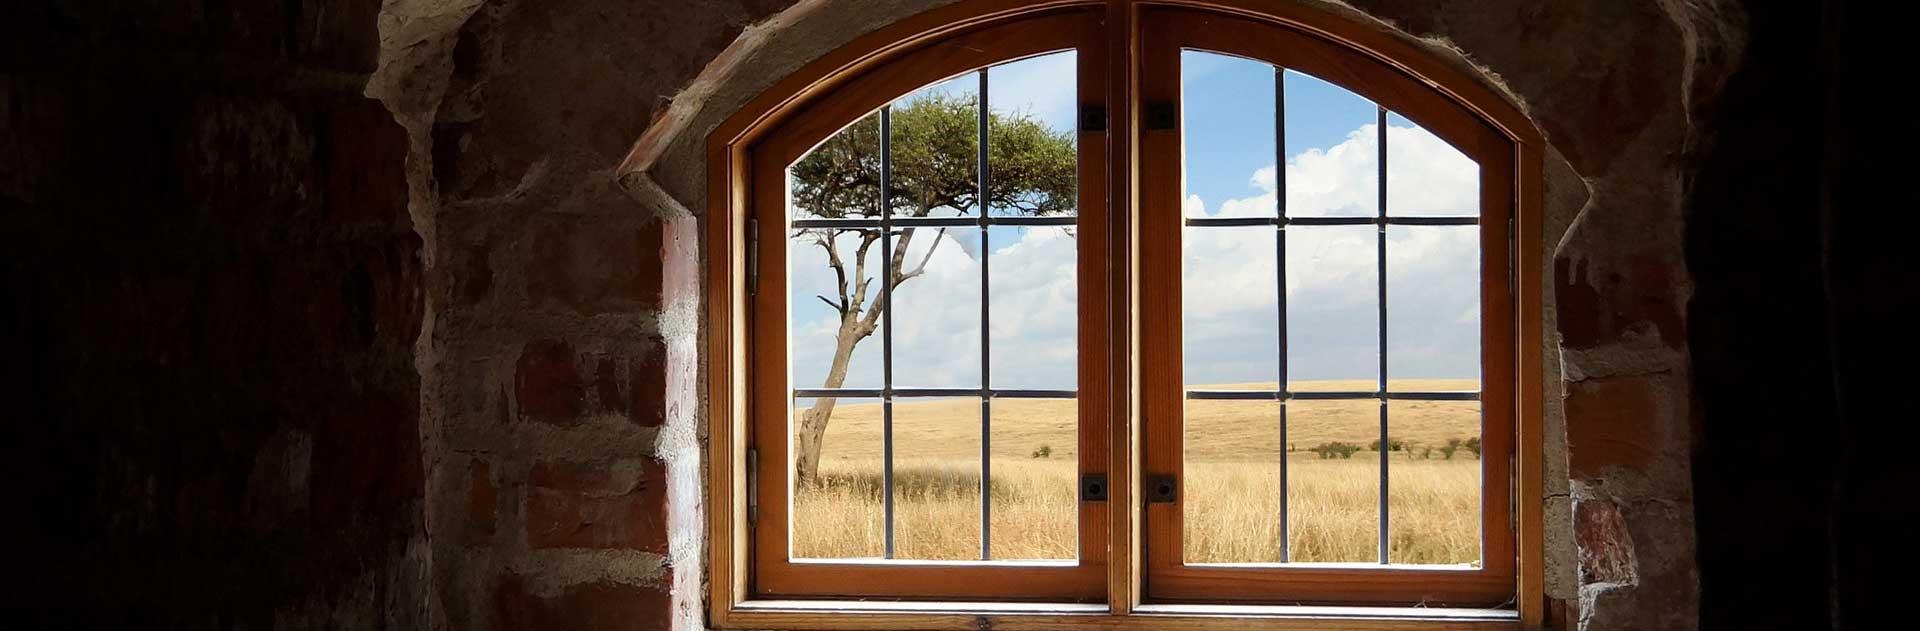 Обсада деревянного окна